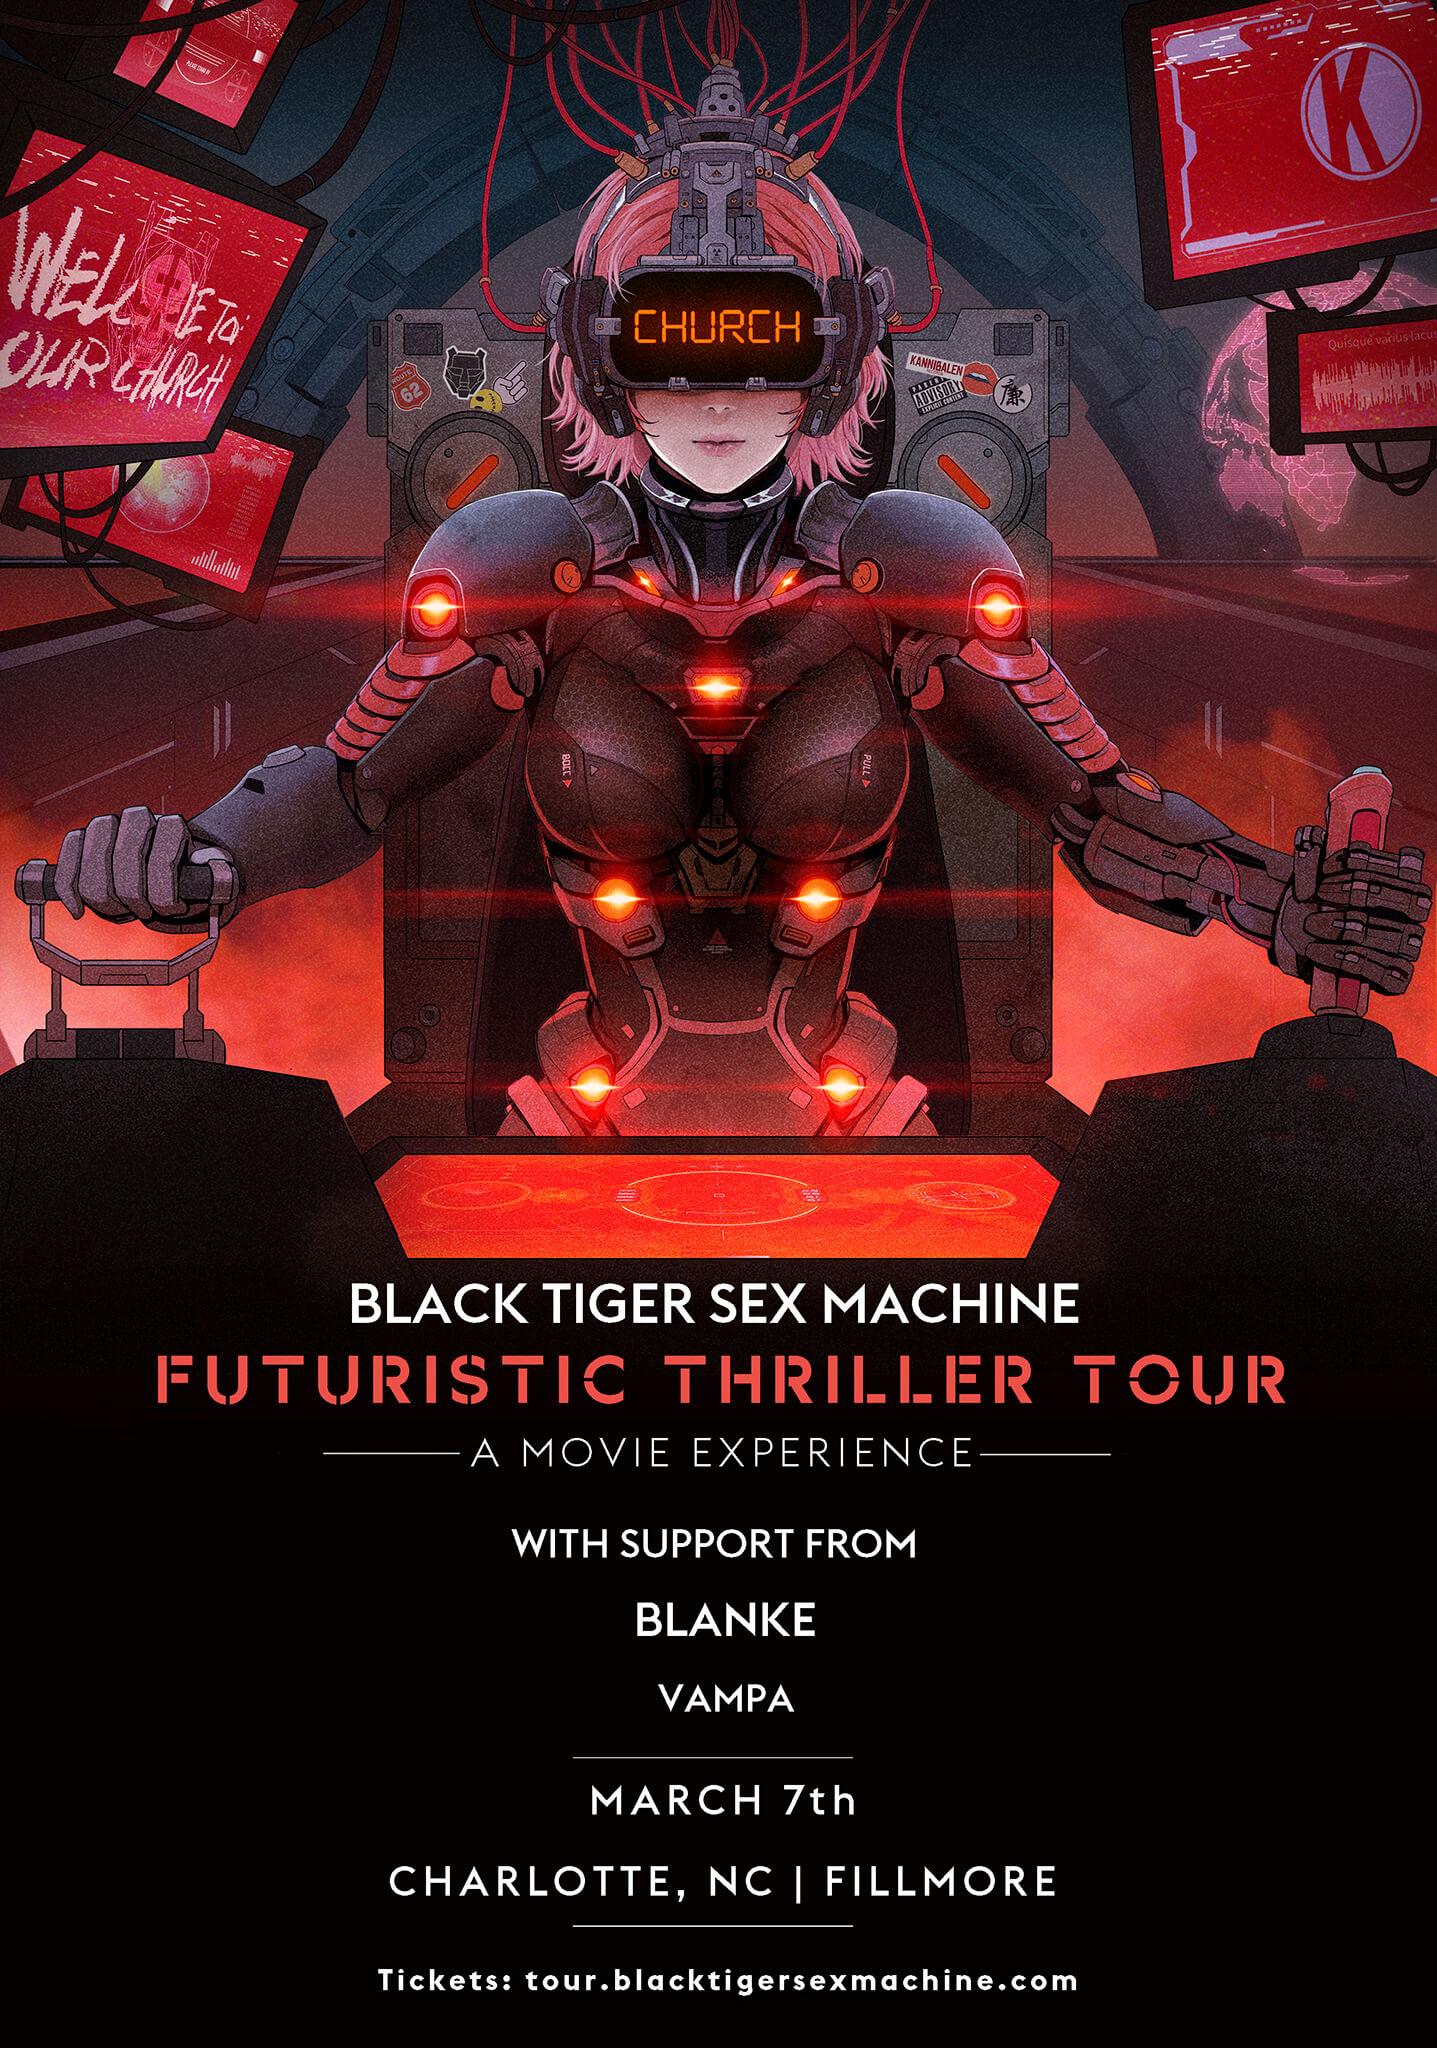 Black Tiger Sex Machine, Blanke, Vampa in Charlotte